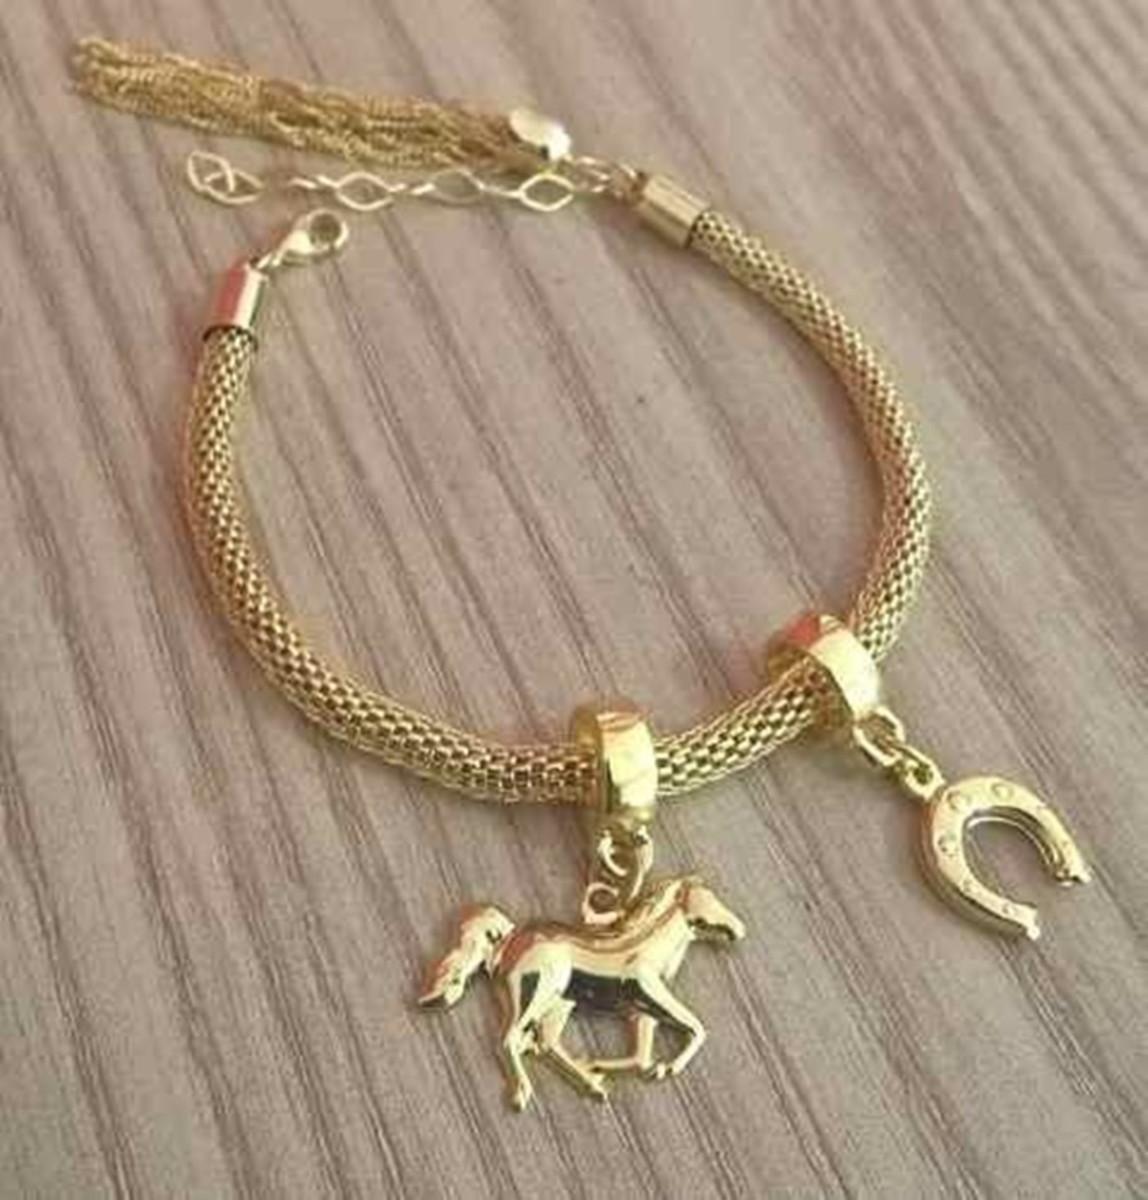 d701756cffeb4 Pulseira Berloques Country Cavalo Ferradura Folheado Ouro no Elo7 ...